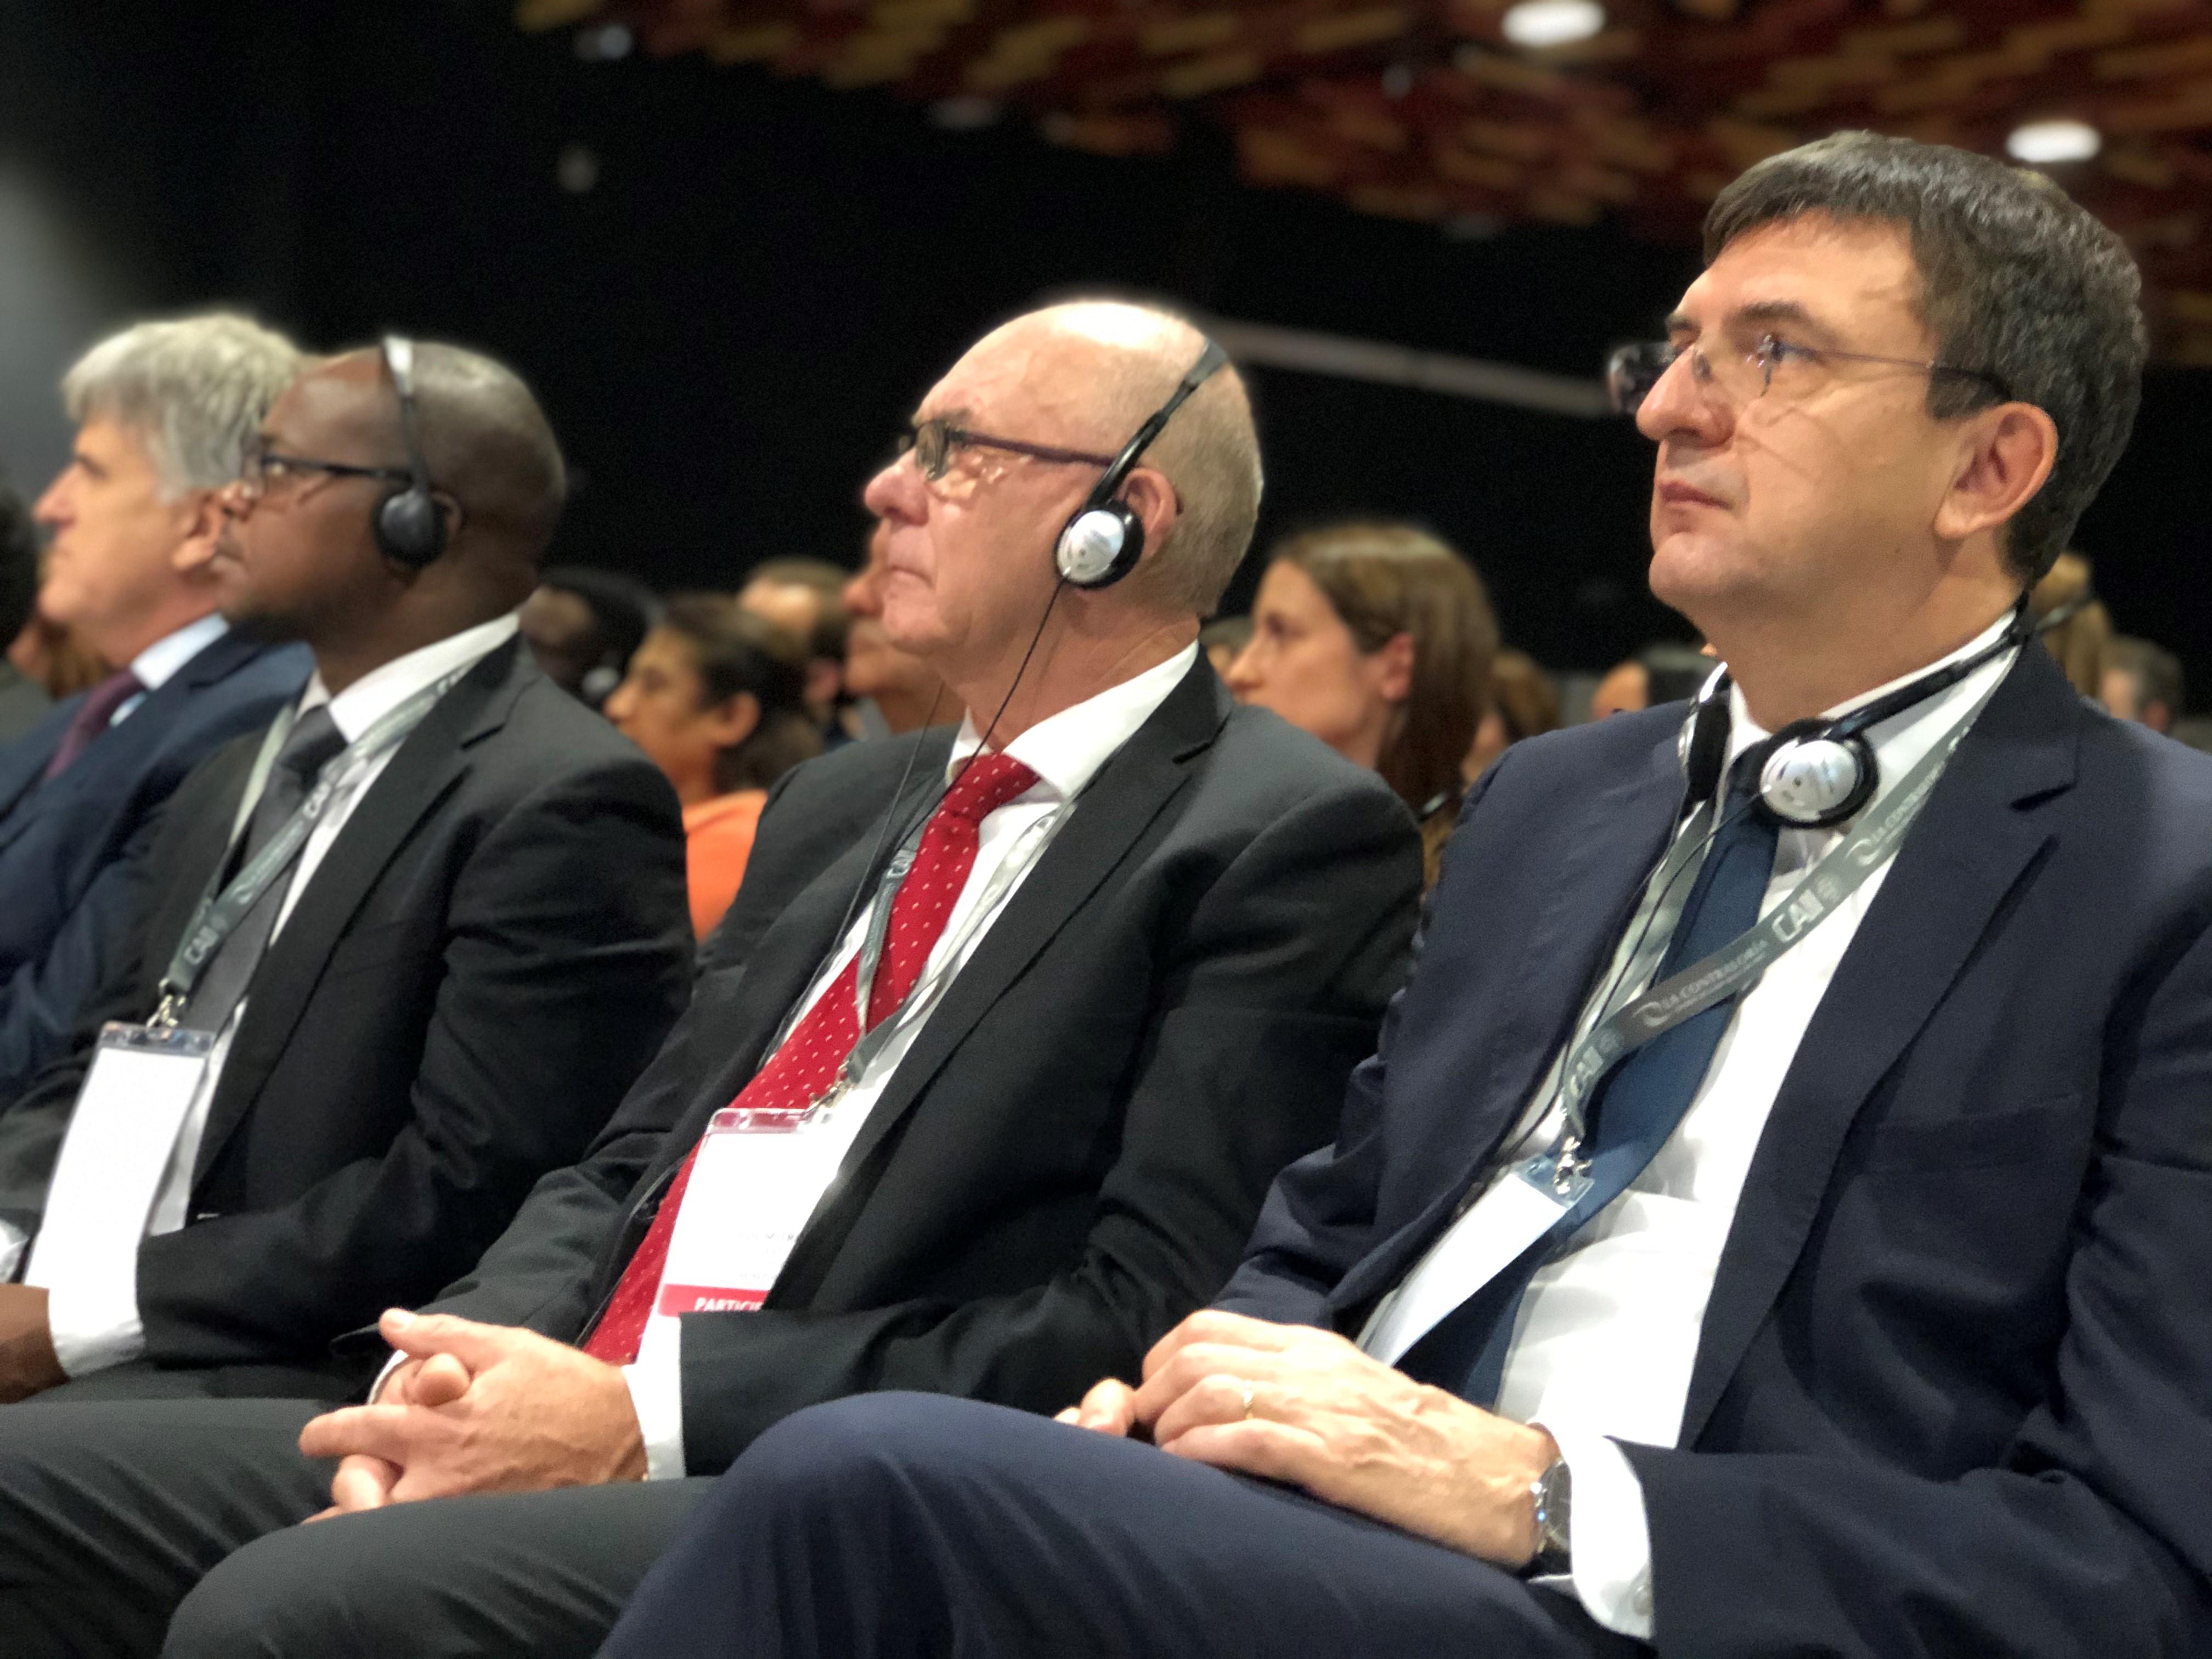 Predseda NKÚ K. Mitrík, šéf NKI Maďarska, L. Domokos